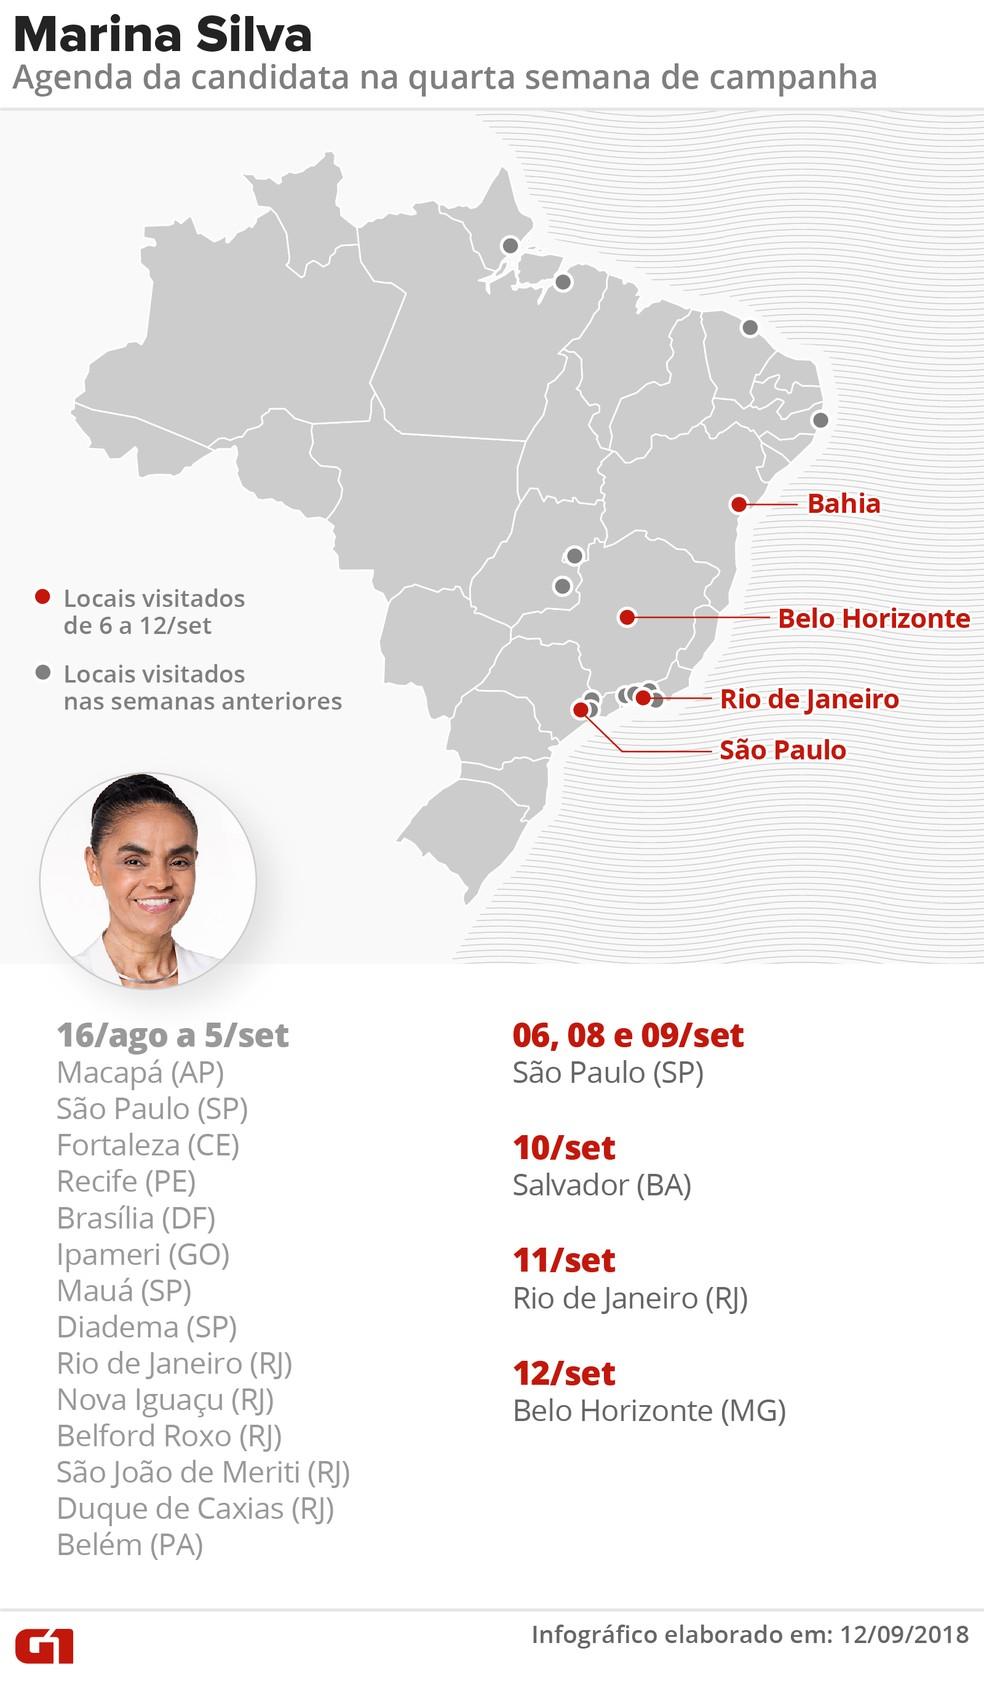 Agendas da candidata Marina Silva (Rede) na 4ª semana de campanha presidencial — Foto: Roberta Jaworski/G1